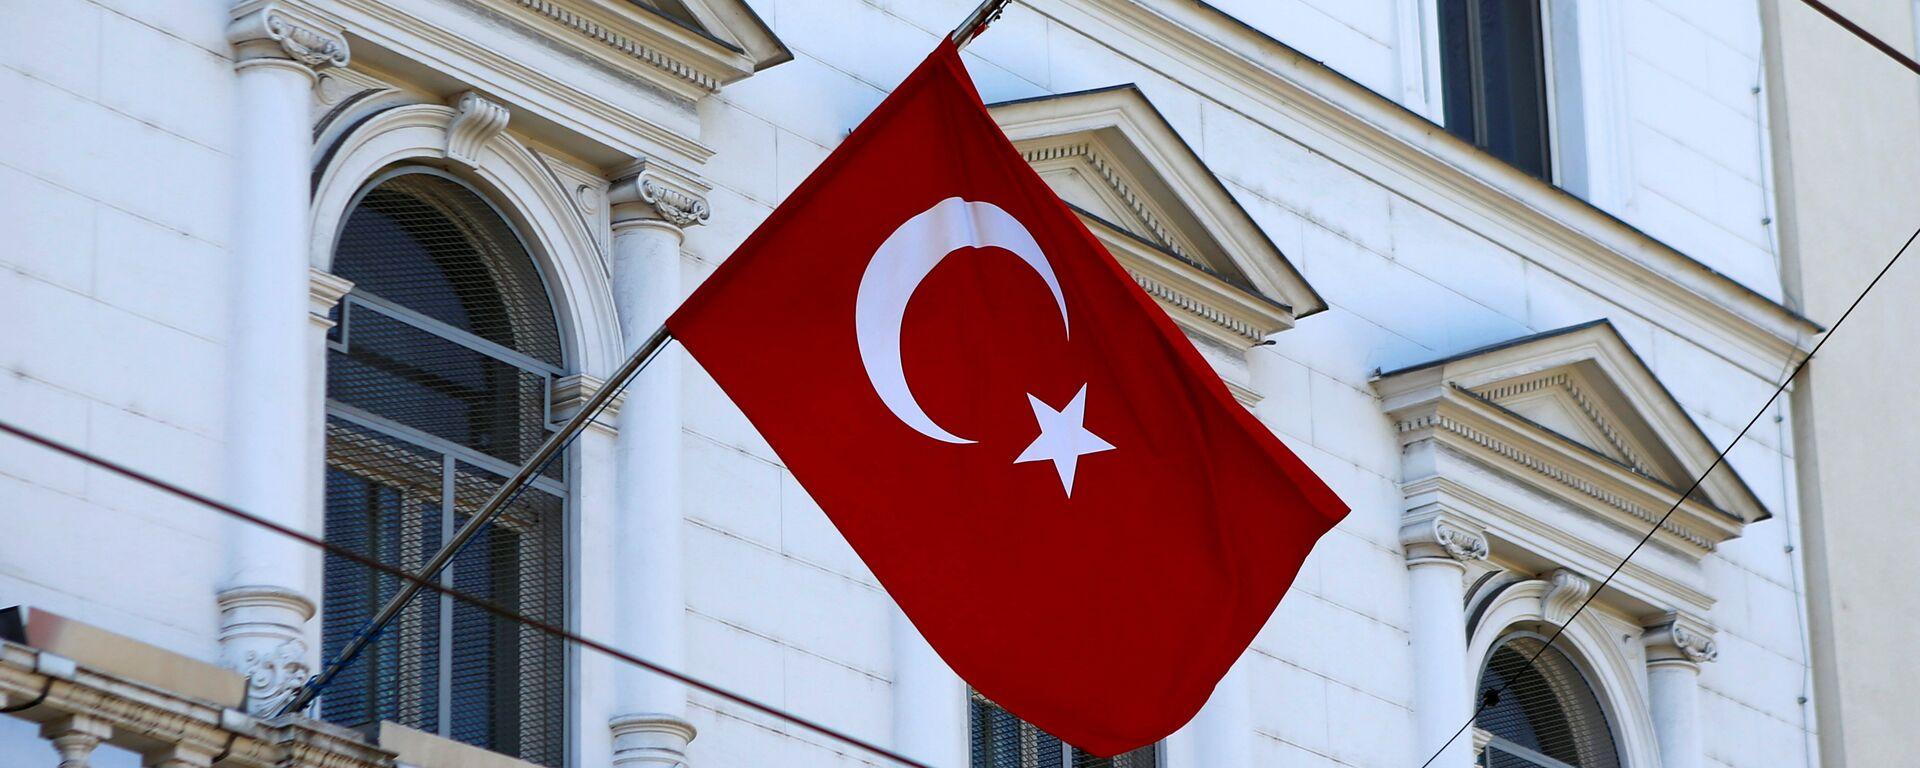 La bandera de Turquía - Sputnik Mundo, 1920, 23.03.2021